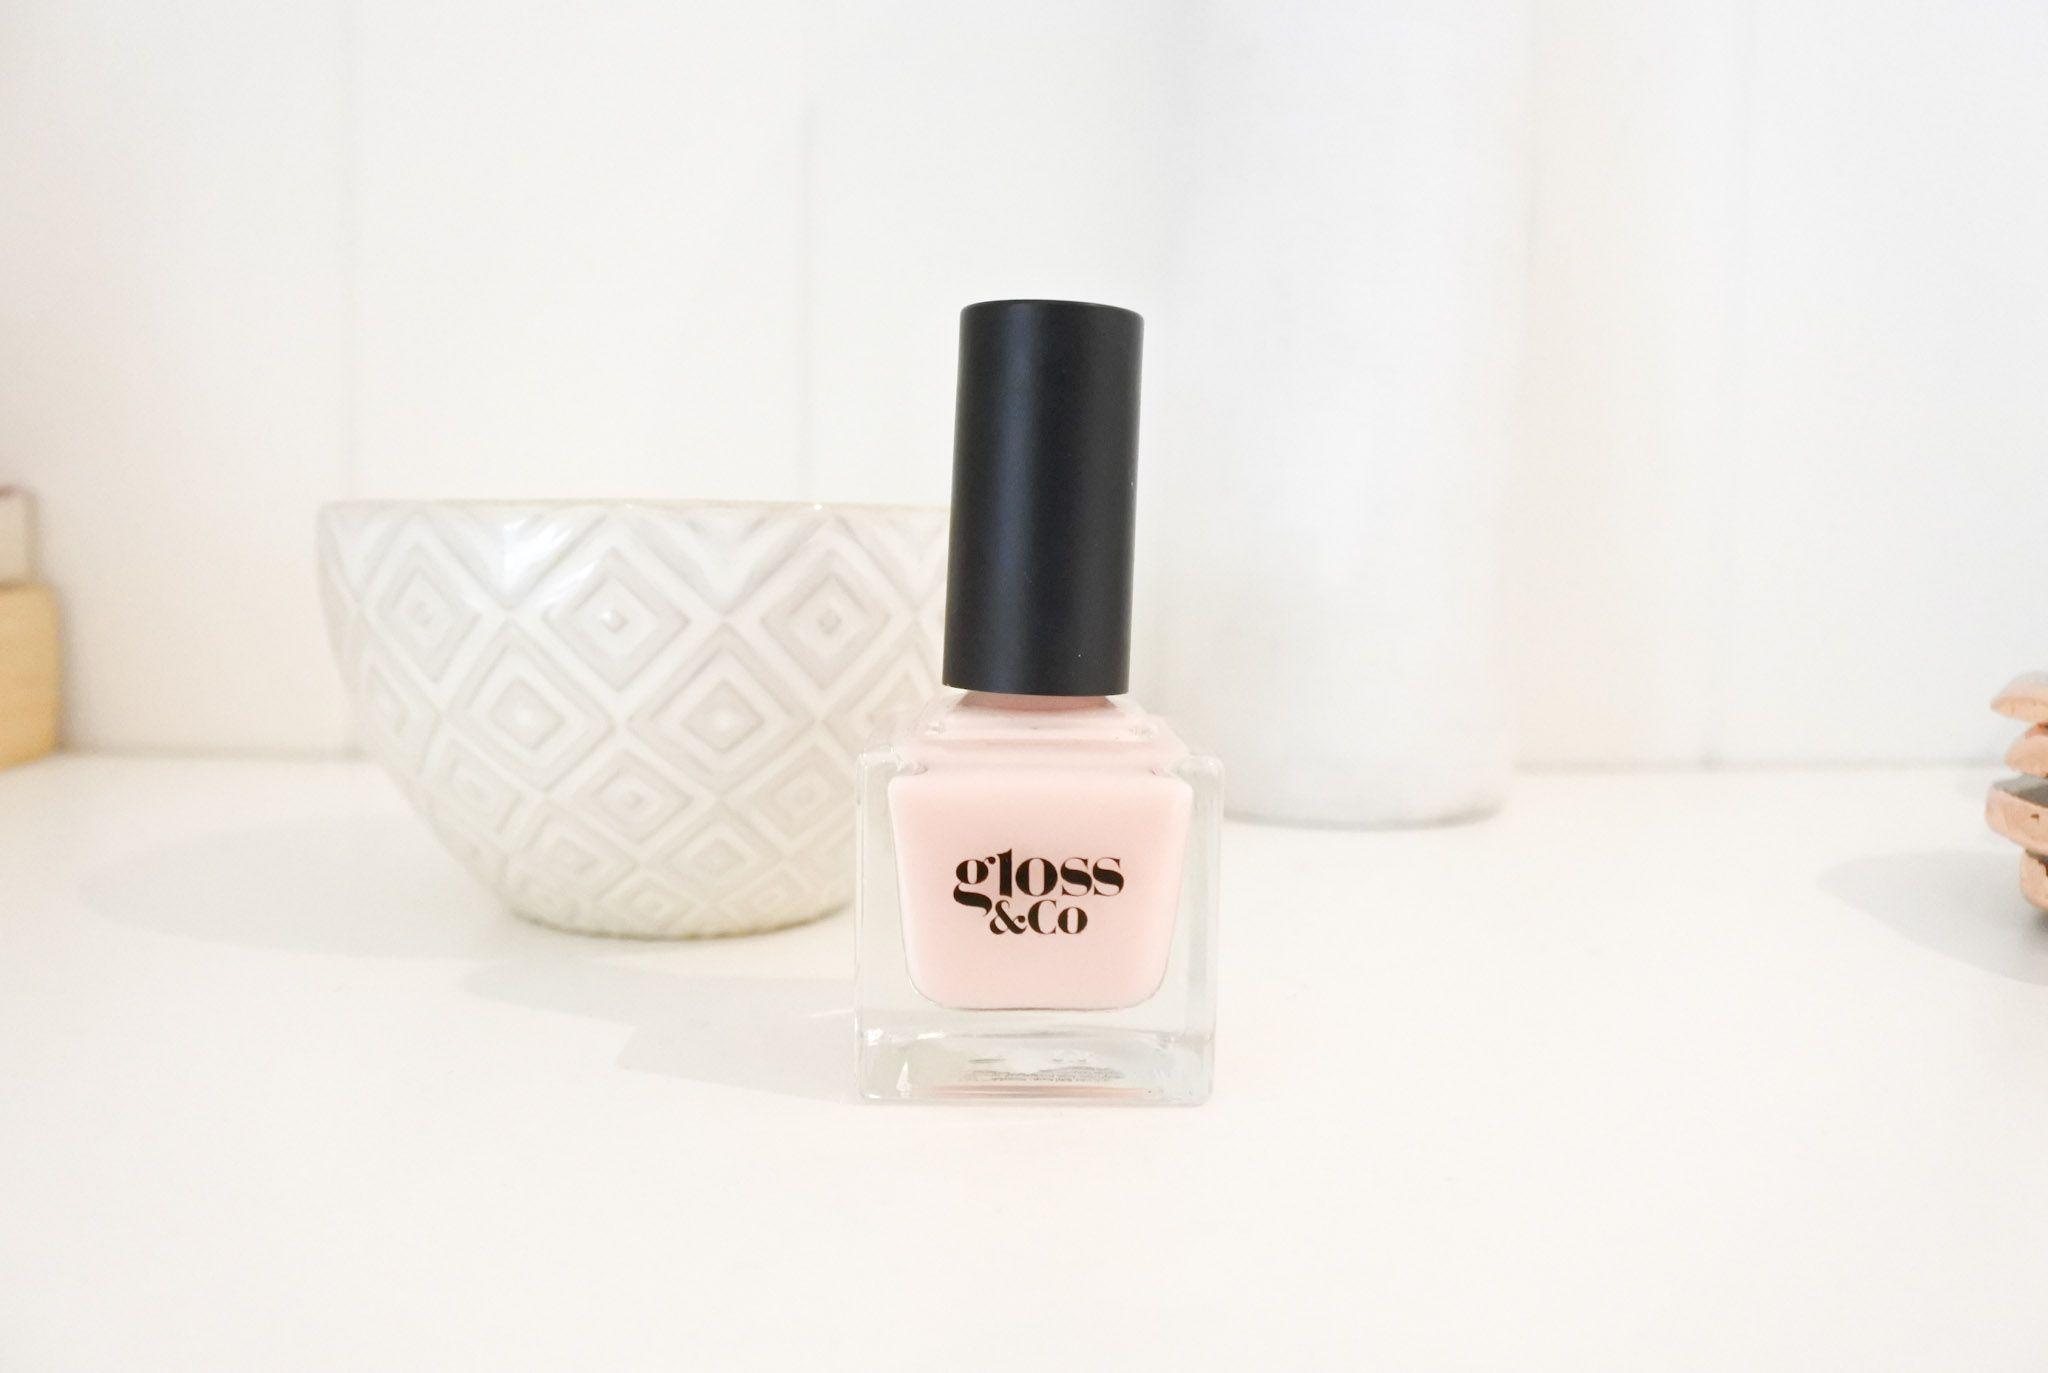 Gloss and Co Cruelty free nail polish, Free nail polish